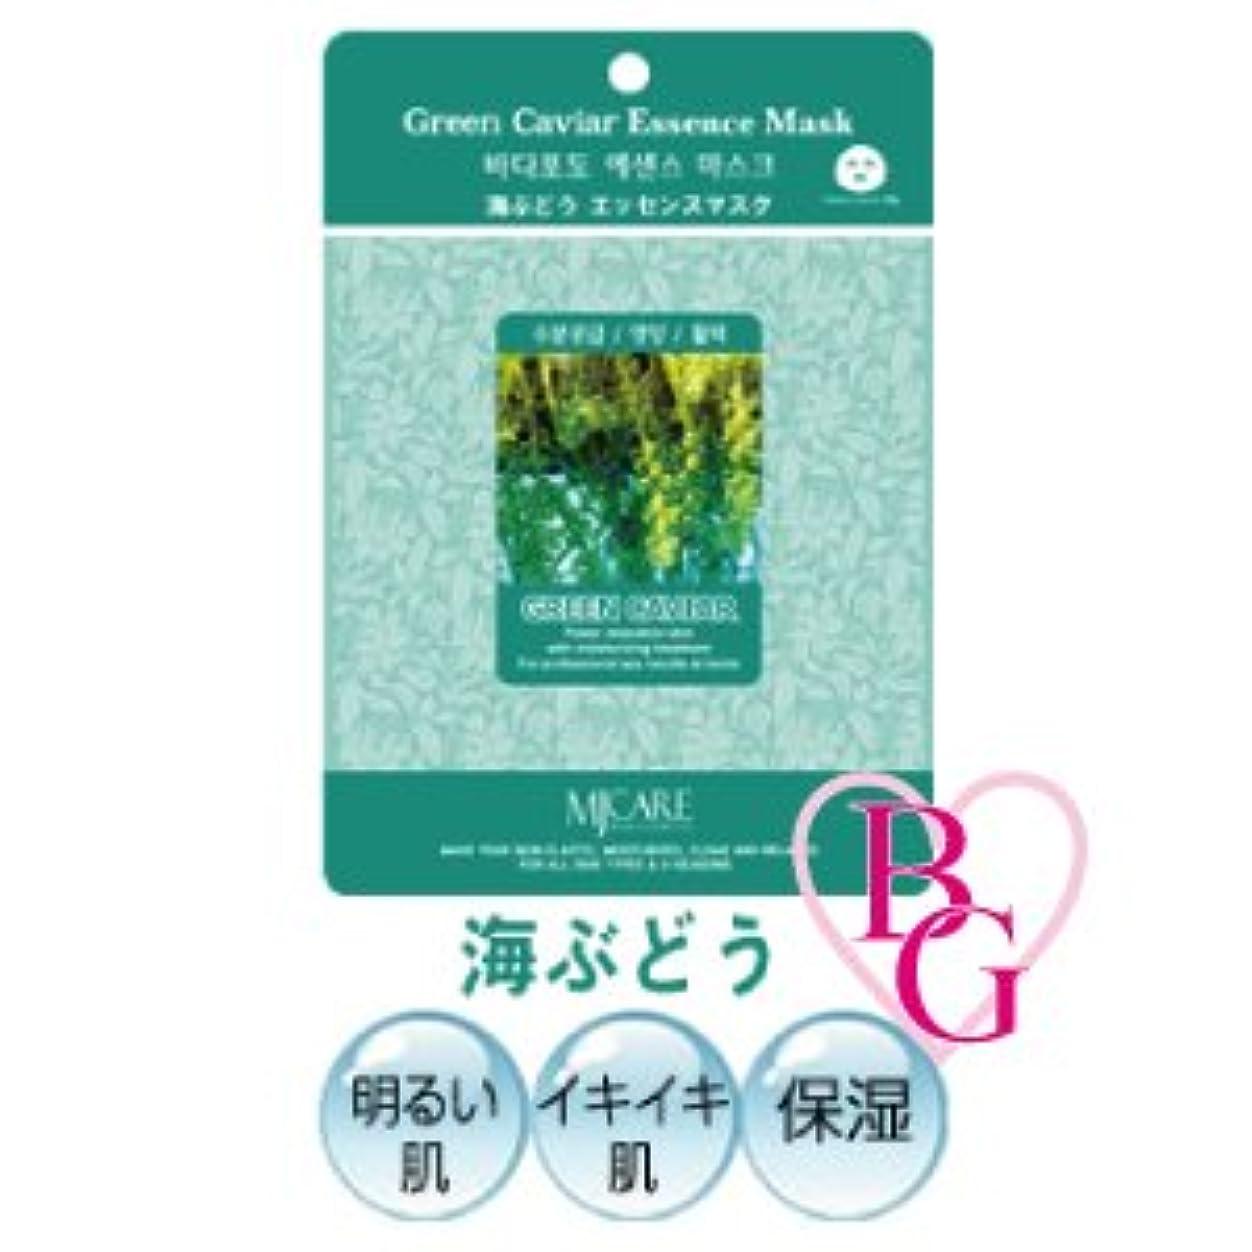 夜間防水ボイラー海ぶどうエッセンスマスク(100枚入) 【MJcare - MJケア】